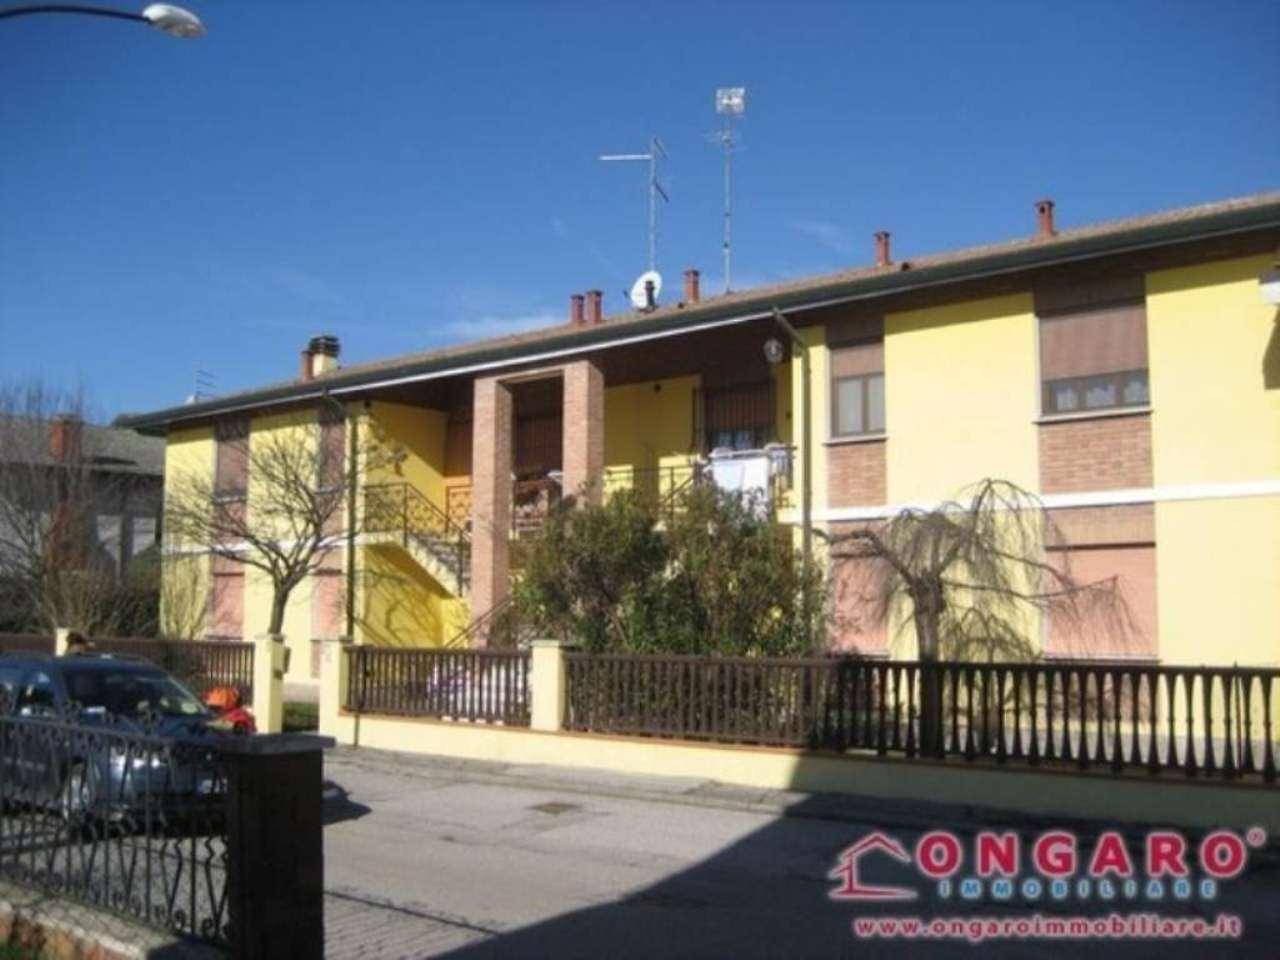 Soluzione Indipendente in vendita a Copparo, 6 locali, prezzo € 350.000 | Cambio Casa.it